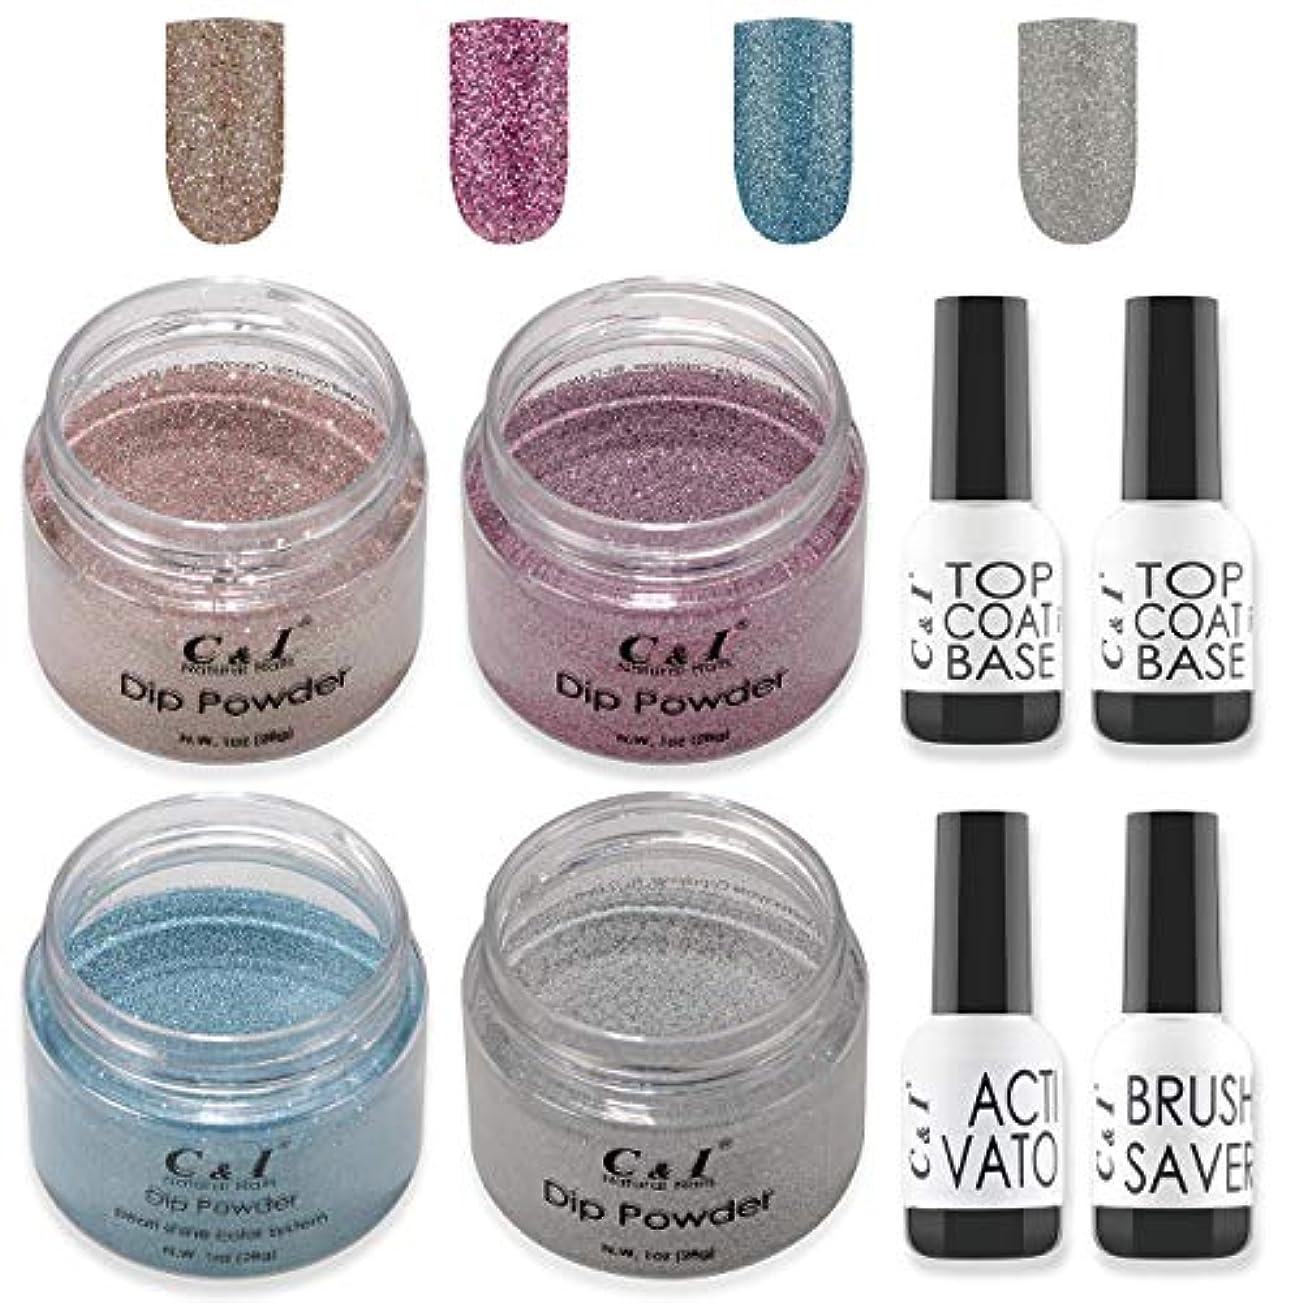 設置過敏なフォローC&I Dip Powder Nail Colors & Liquids Set, 4 colors and 4 liquids, glittering nail powder, N.W. 28 g * 4 pcs &...